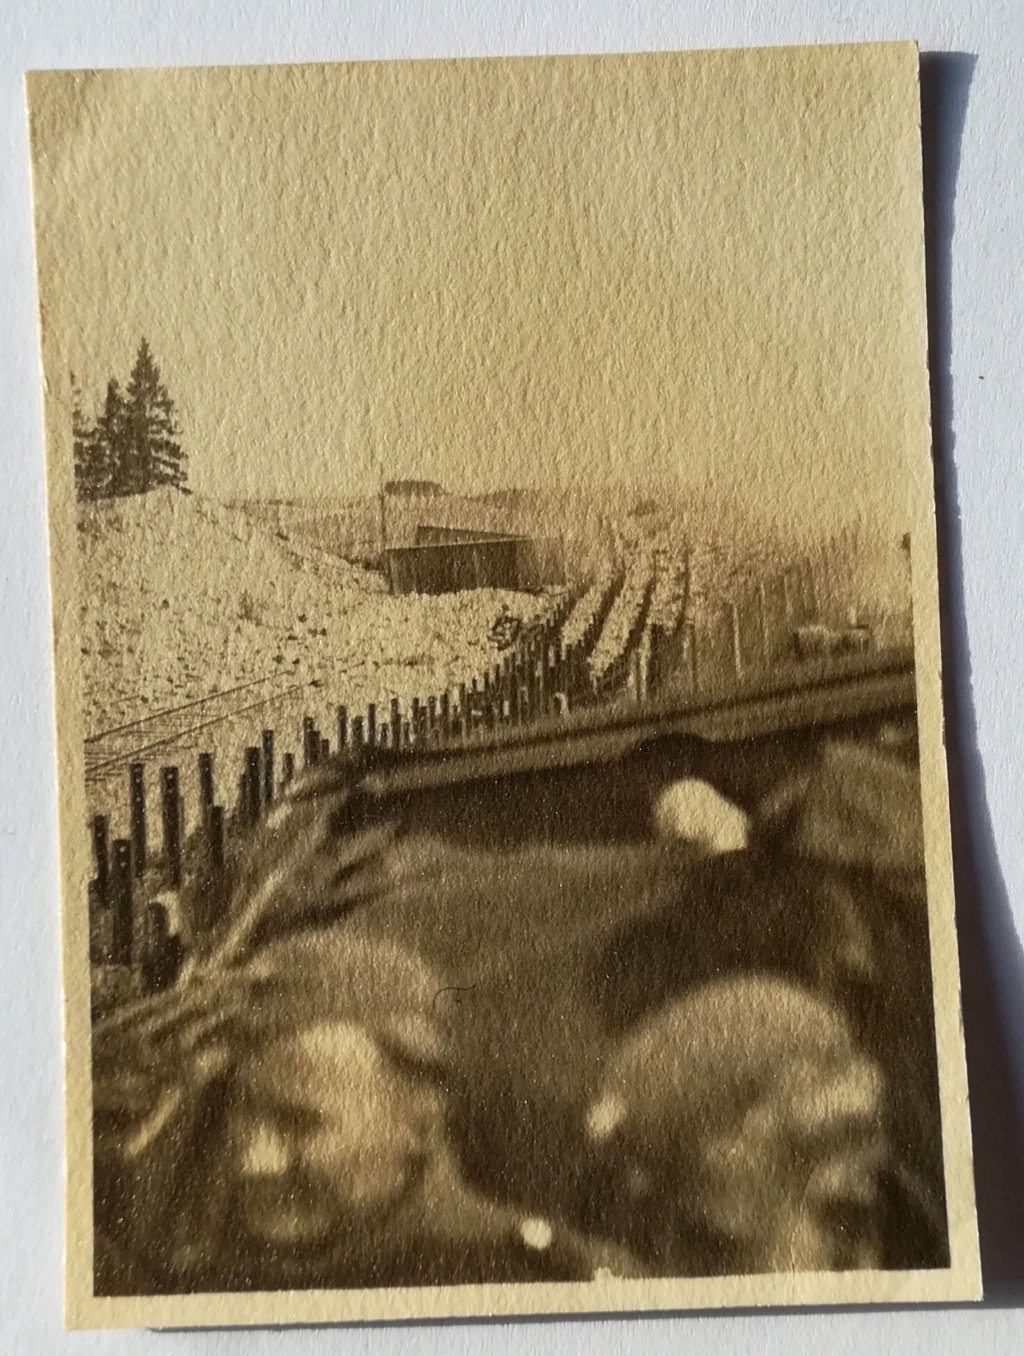 Amis collectionneurs de photos allemandes ww2- identification  Img_2171